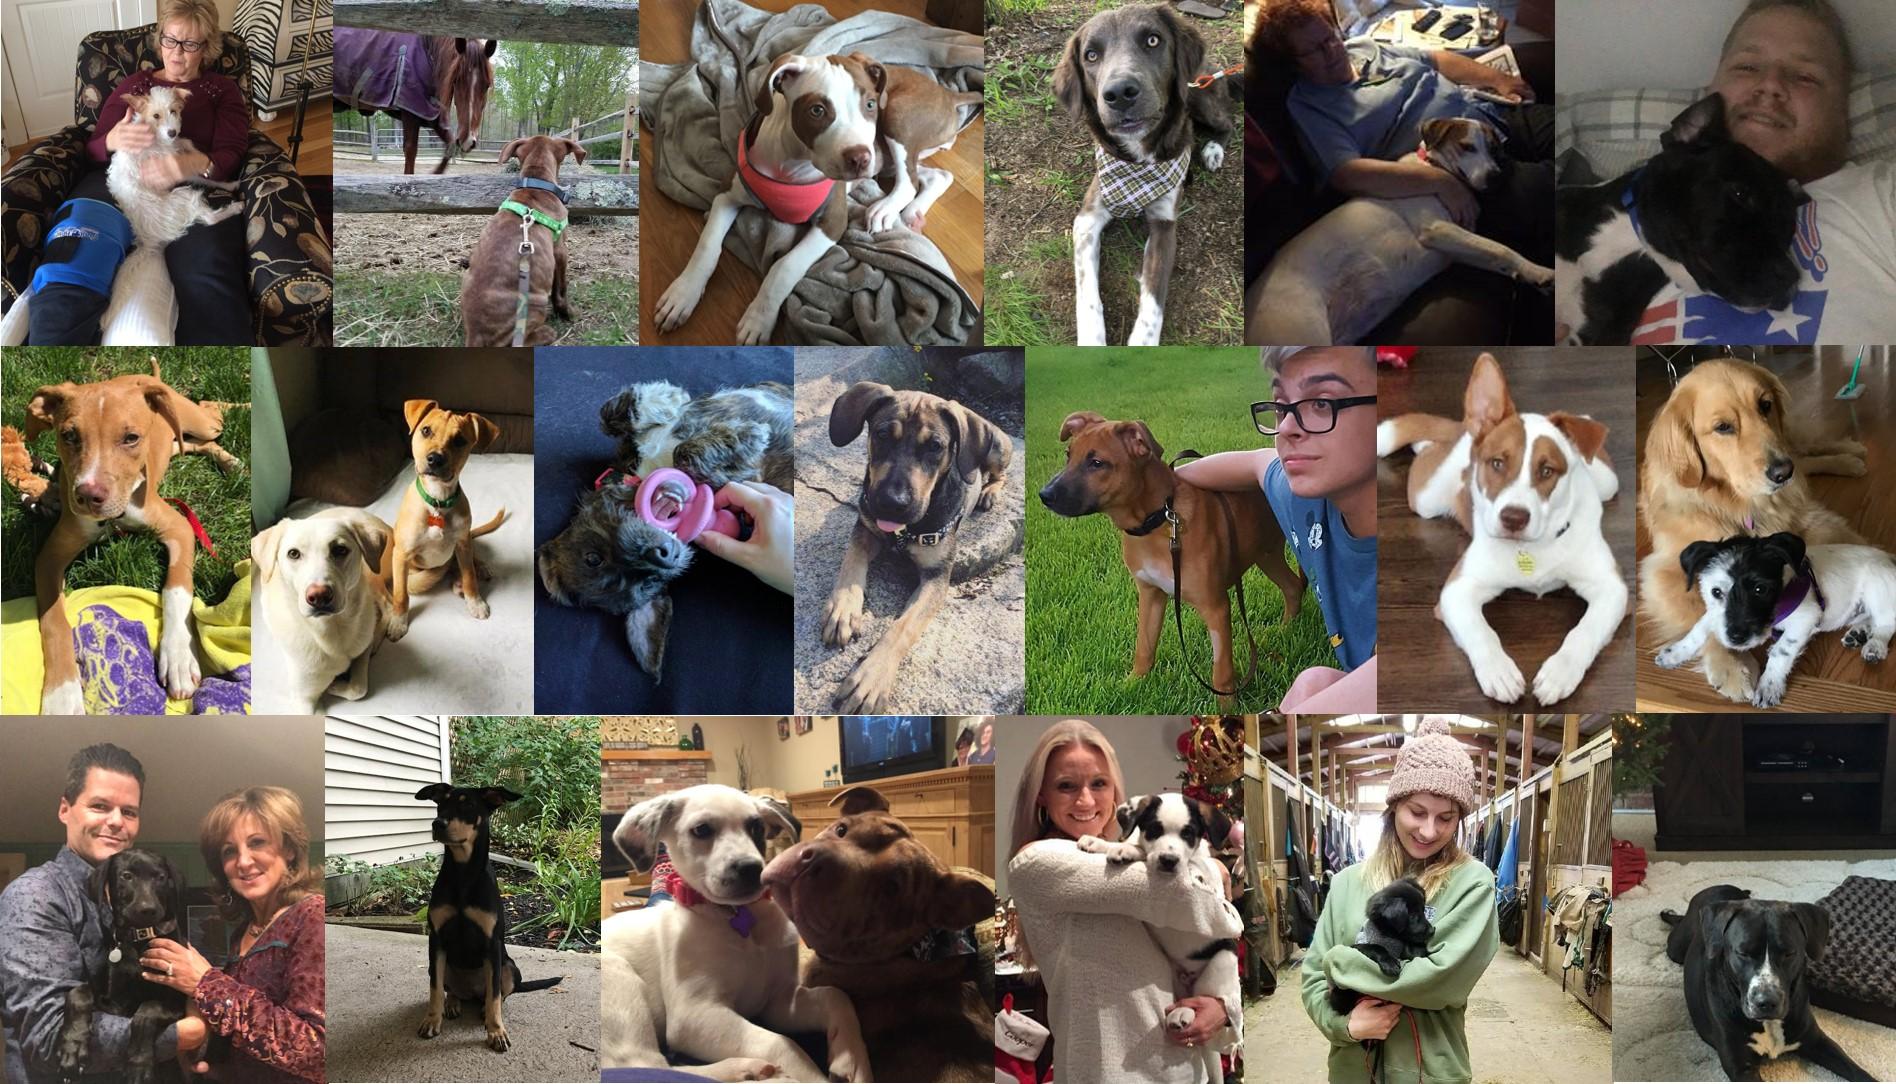 1st row: Gracie (FKA Dot), Peanut (FKA Marley), Perry (FKA Patches), Greyson, Hayley, Wesson (FKA Legume) 2nd row: Hazel, Teddy (FKA Buddy), Sophie (FKA Sia), Moose (FKA Bruiser), Dio (FKA Robin), Cooper (FKA Apache), Tallulah (FKA Anna) 3rd row: Bowie, Kona (FKA DiDi), Millie (FKA Dottie), Ollie, Link (FKA Cole), Toby